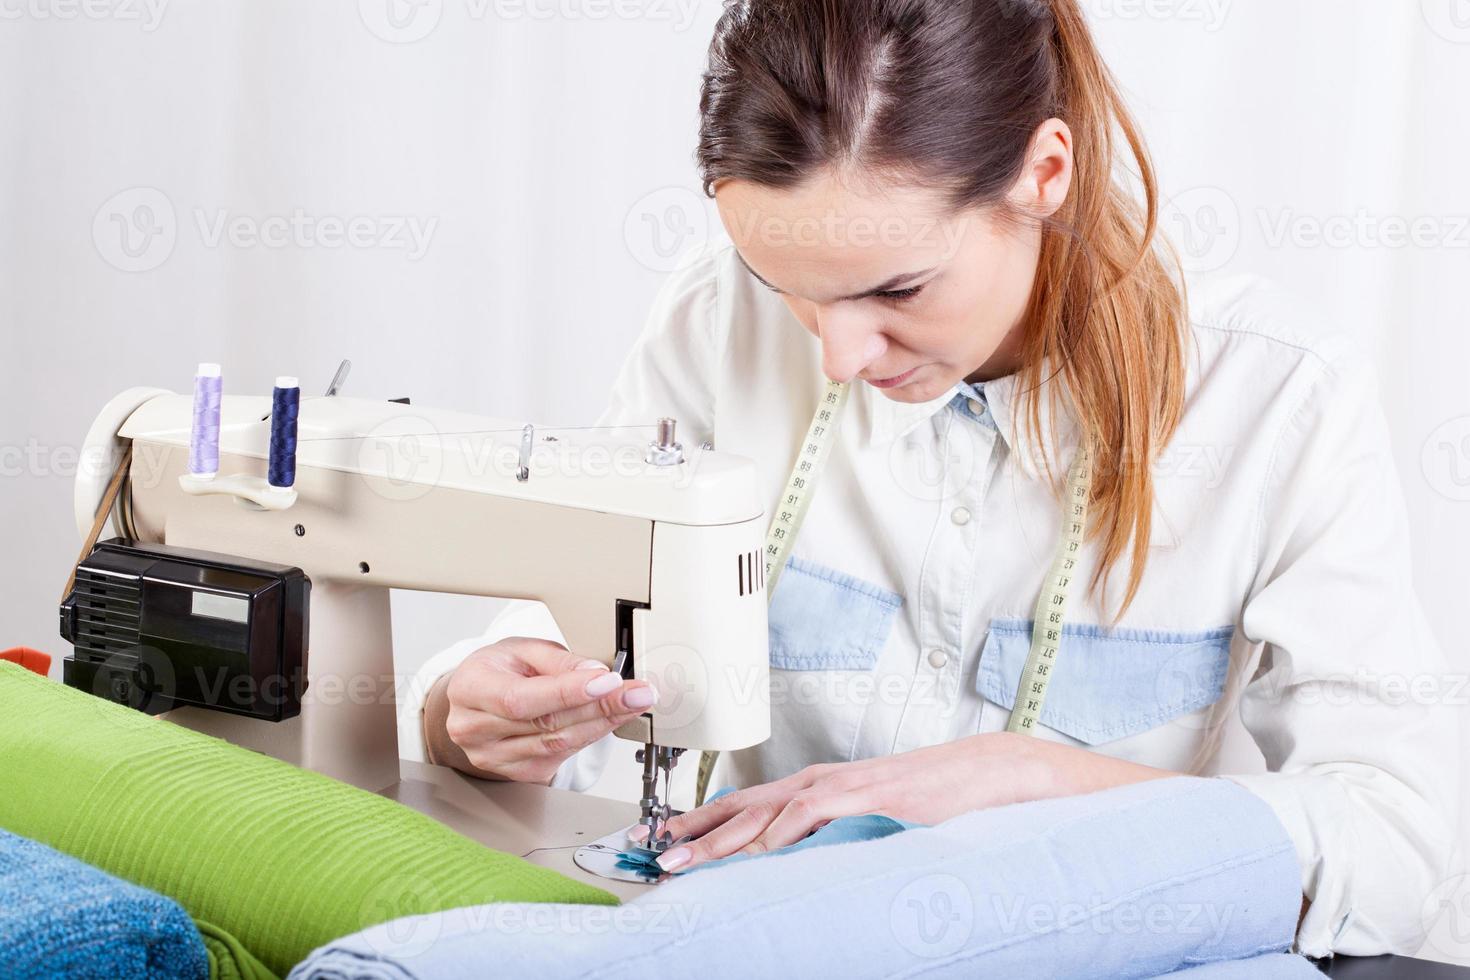 costurera en el trabajo foto